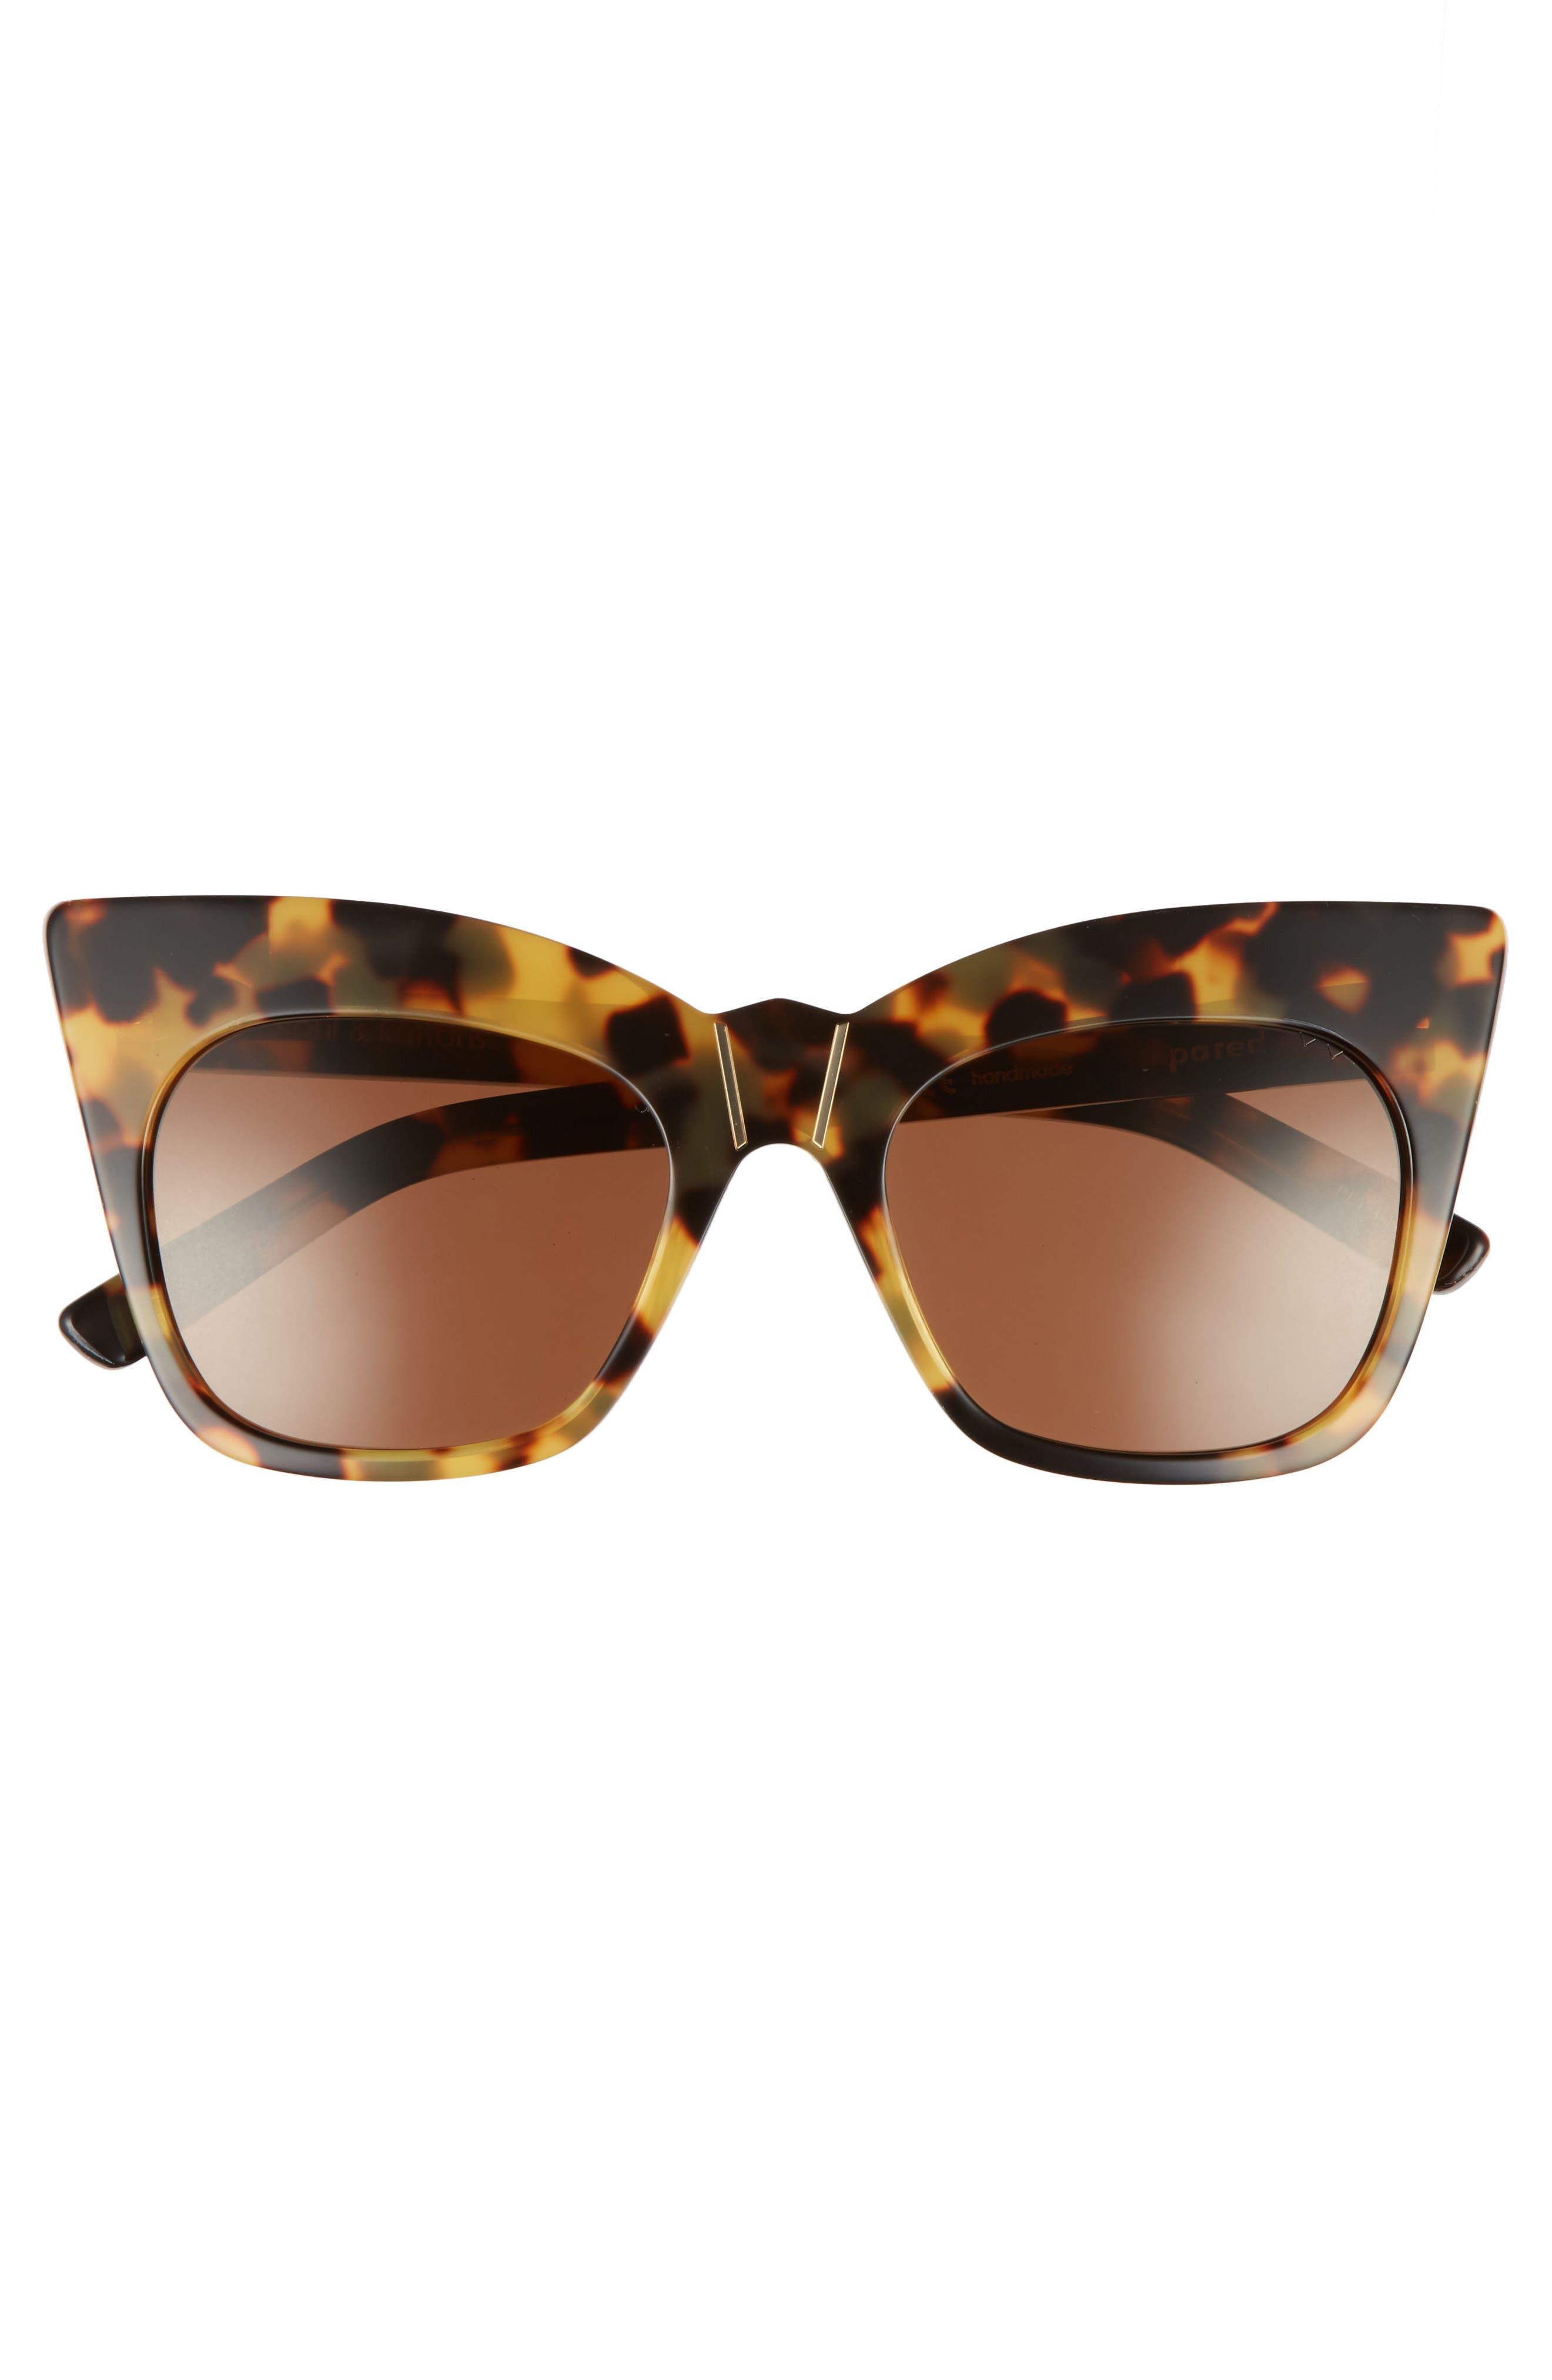 Kohl & Kaftans 52mm Cat Eye Sunglasses,                             Alternate thumbnail 3, color,                             203